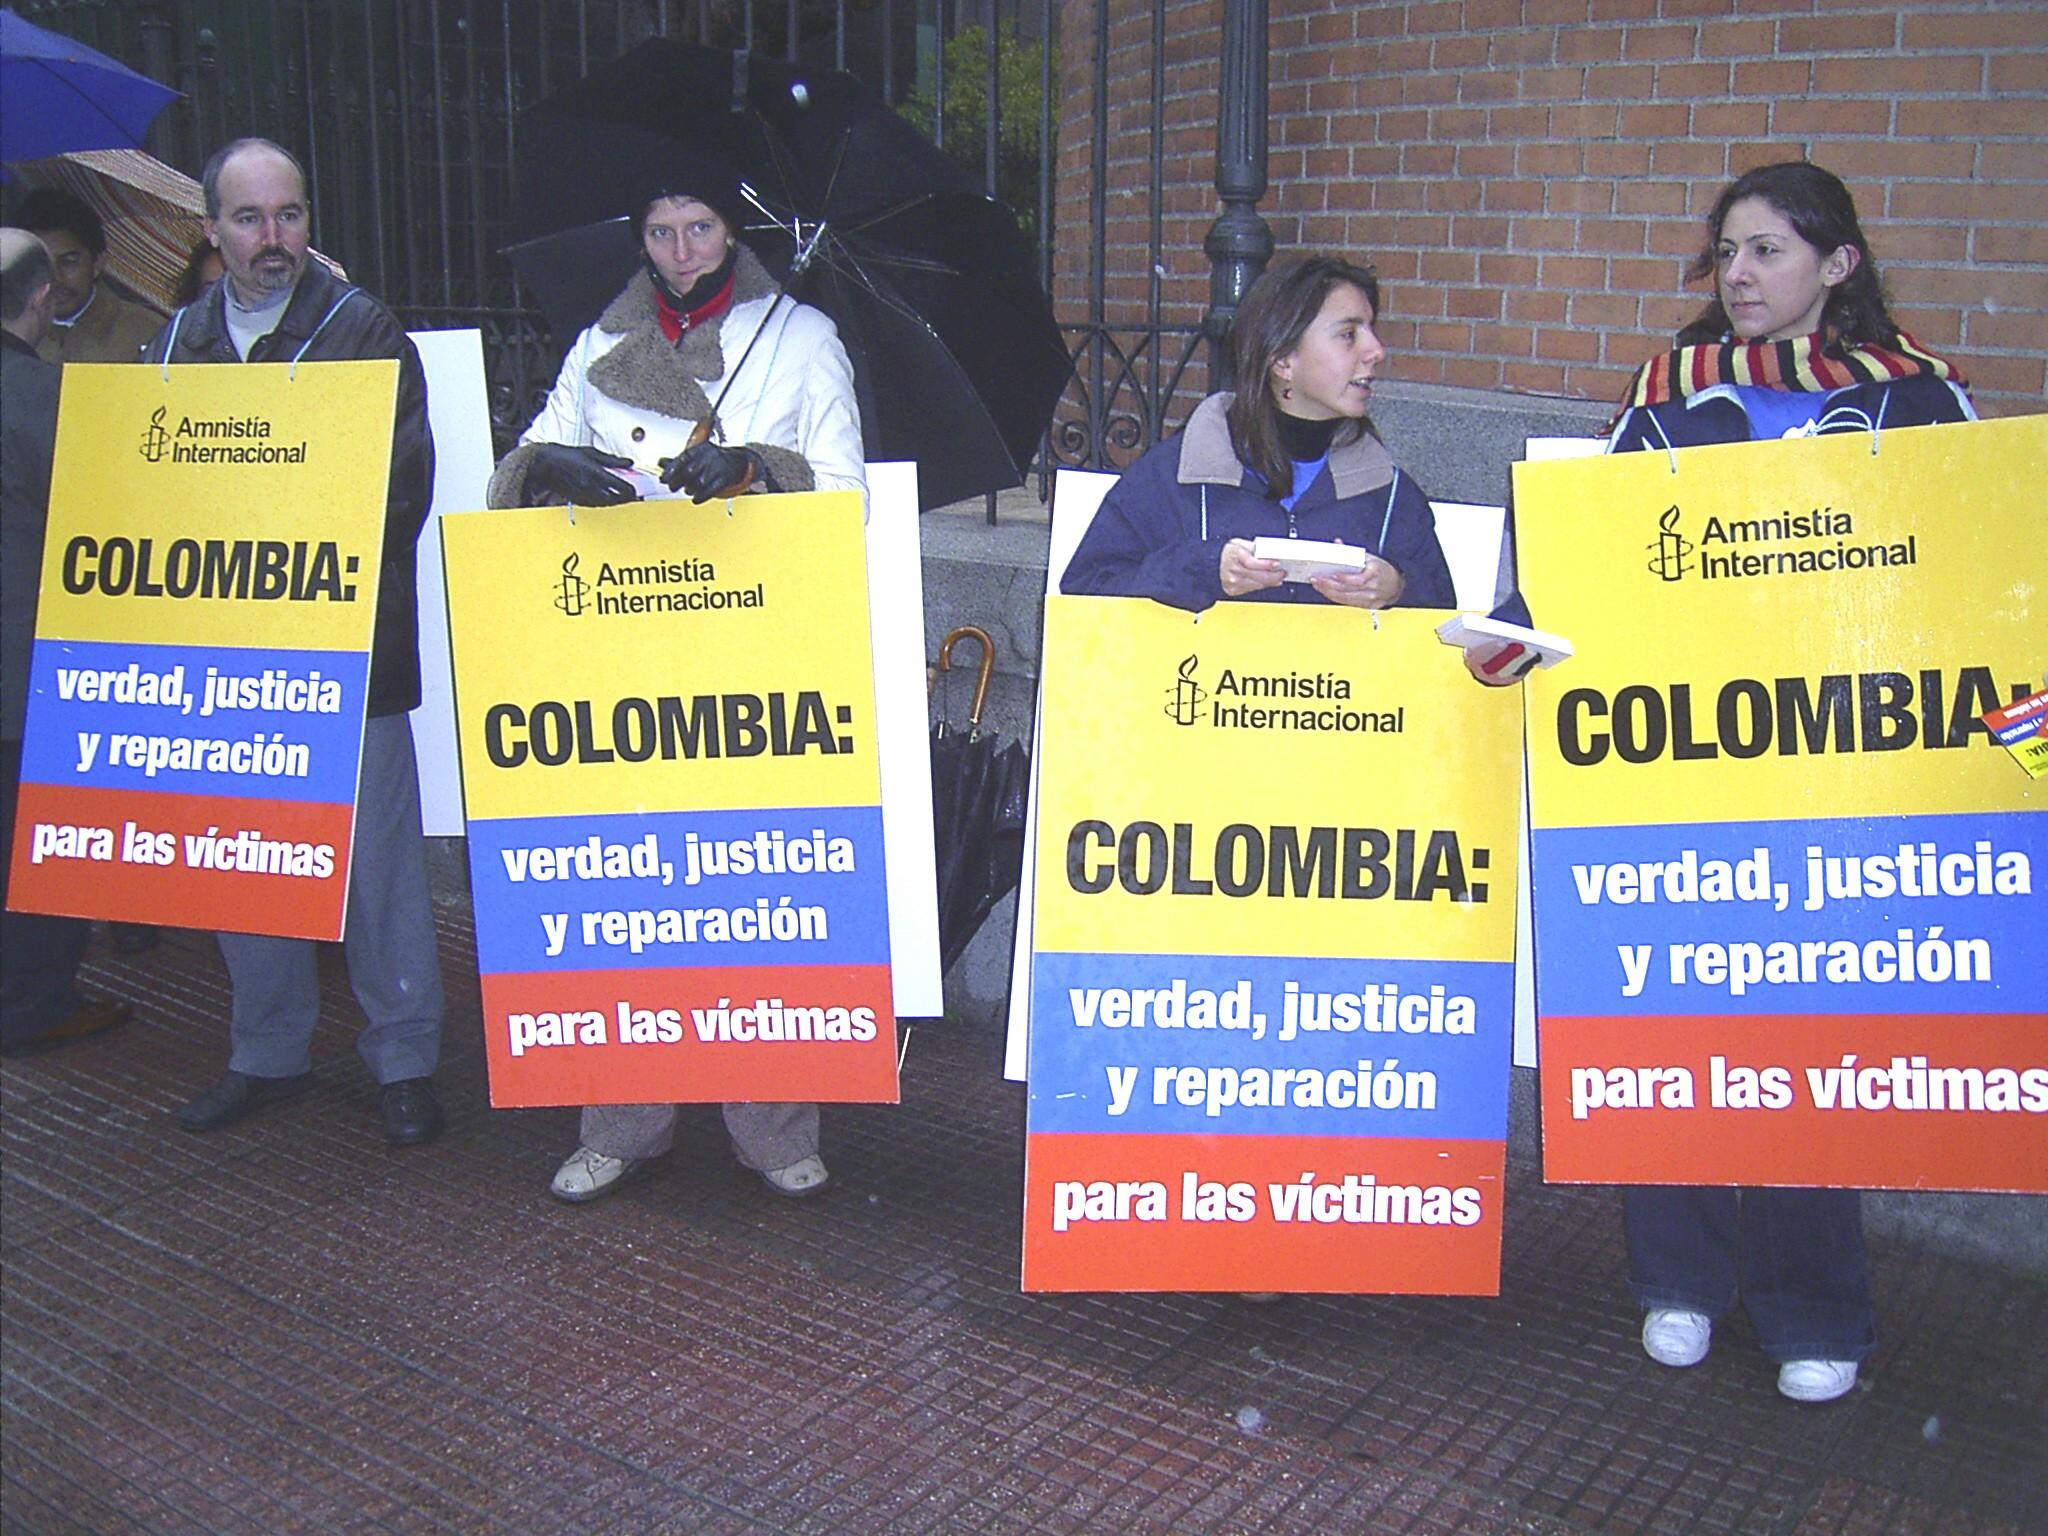 Preocupaciones de Amnistía Internacional con motivo de la crisis de derechos humanos que se vive en el país